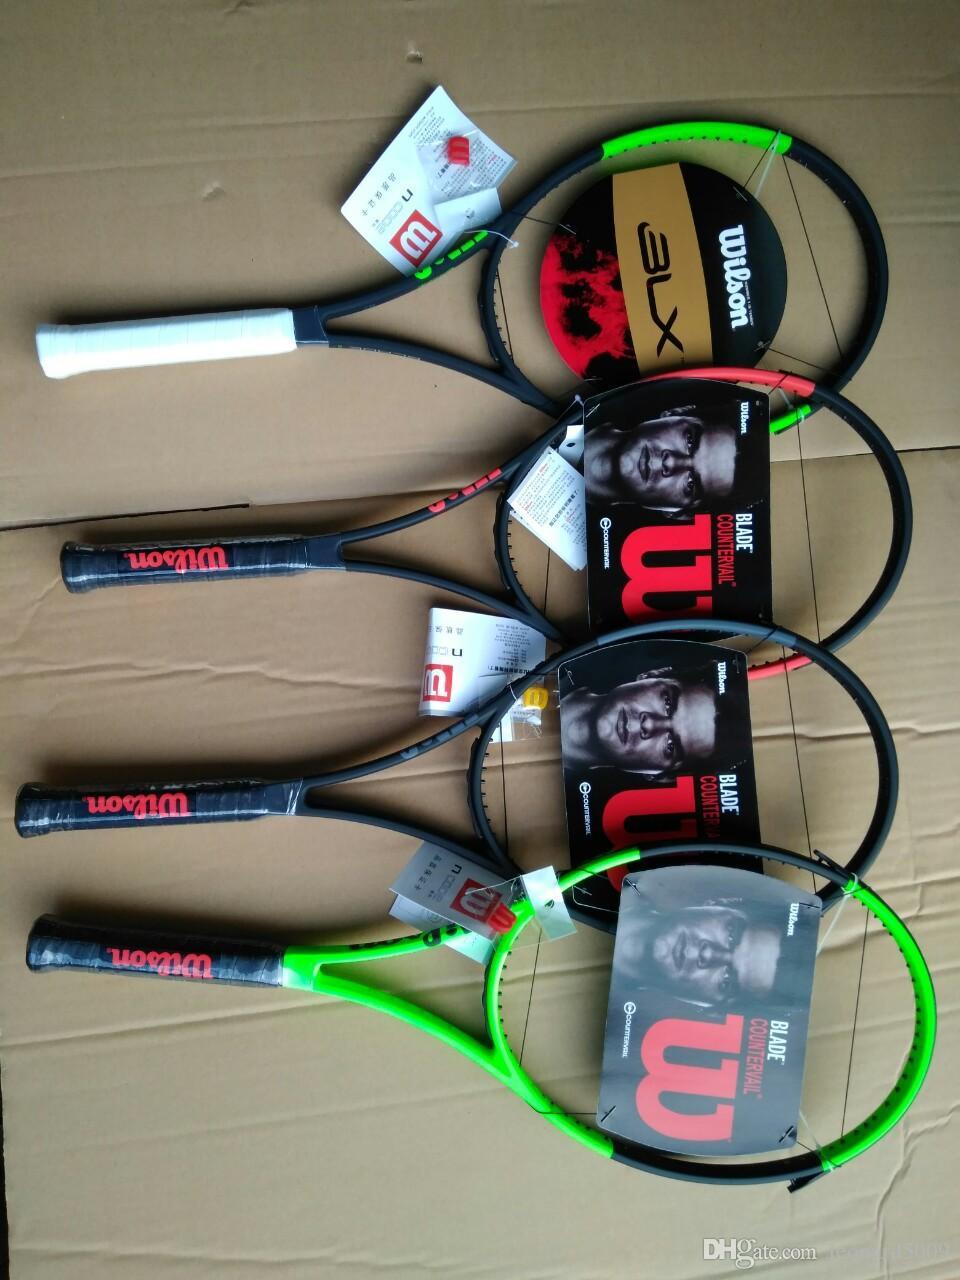 من ألياف الكربون مضرب تنس مضارب تنس مجهزة حقيبة قبضة racchetta دا التنس بليد 98 يعوض